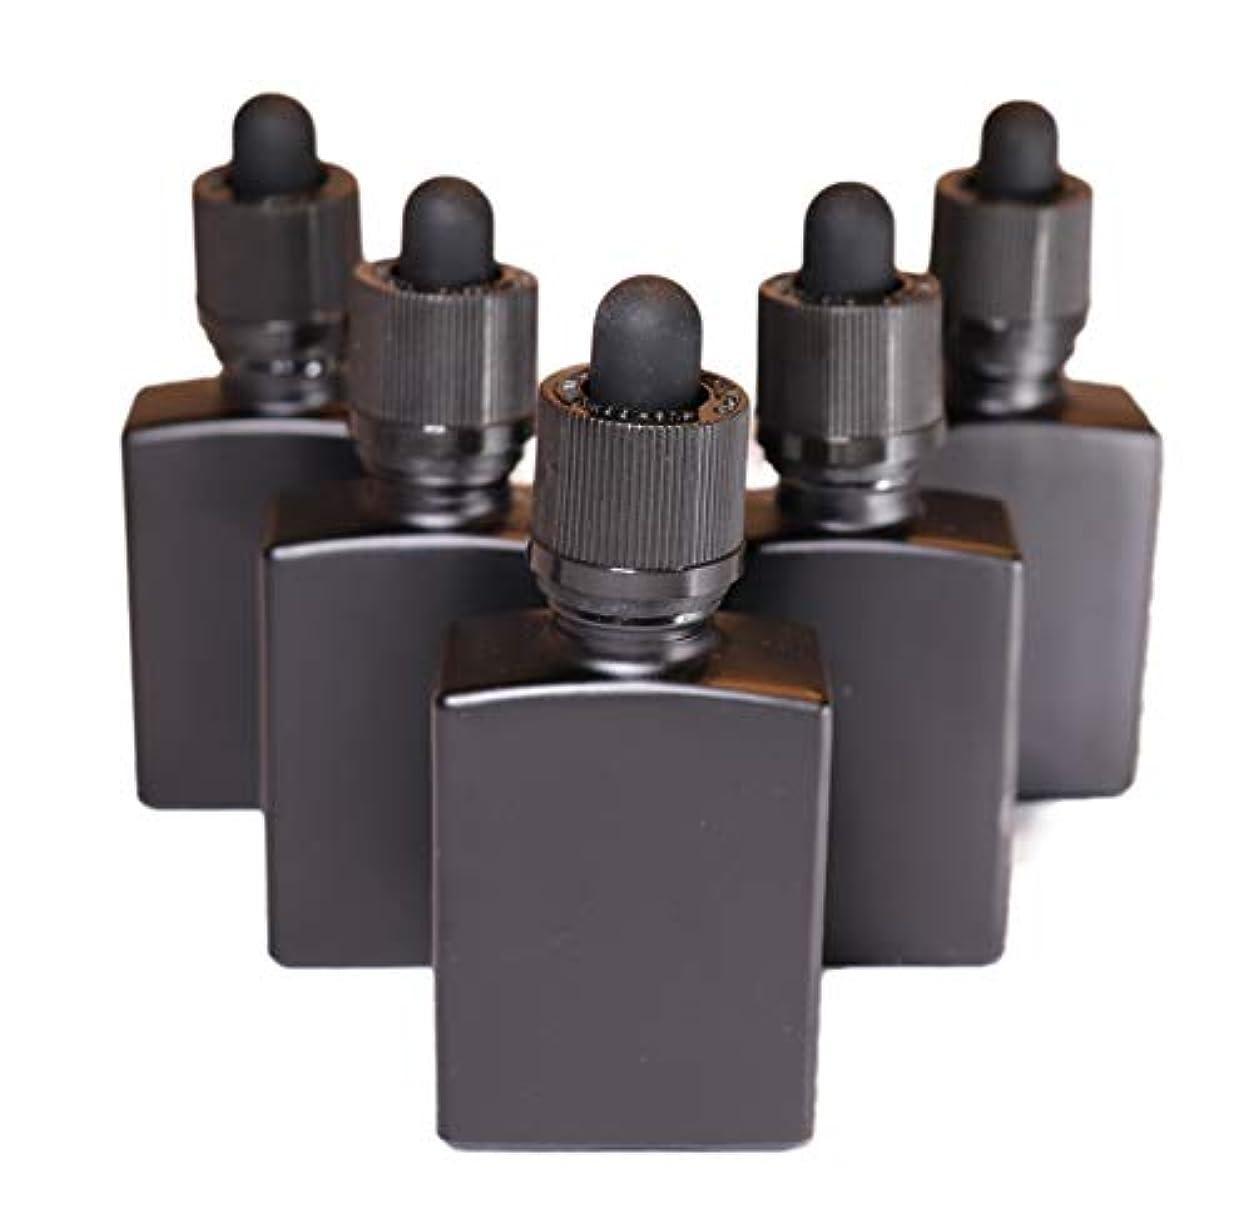 試用整然としたダーリン4 Queens ガラス製スポイト遮光瓶【チャイルドロック付き】30ml 5本セット アロマ 香水 リキッド保存用 詰め替え用 マットブラック